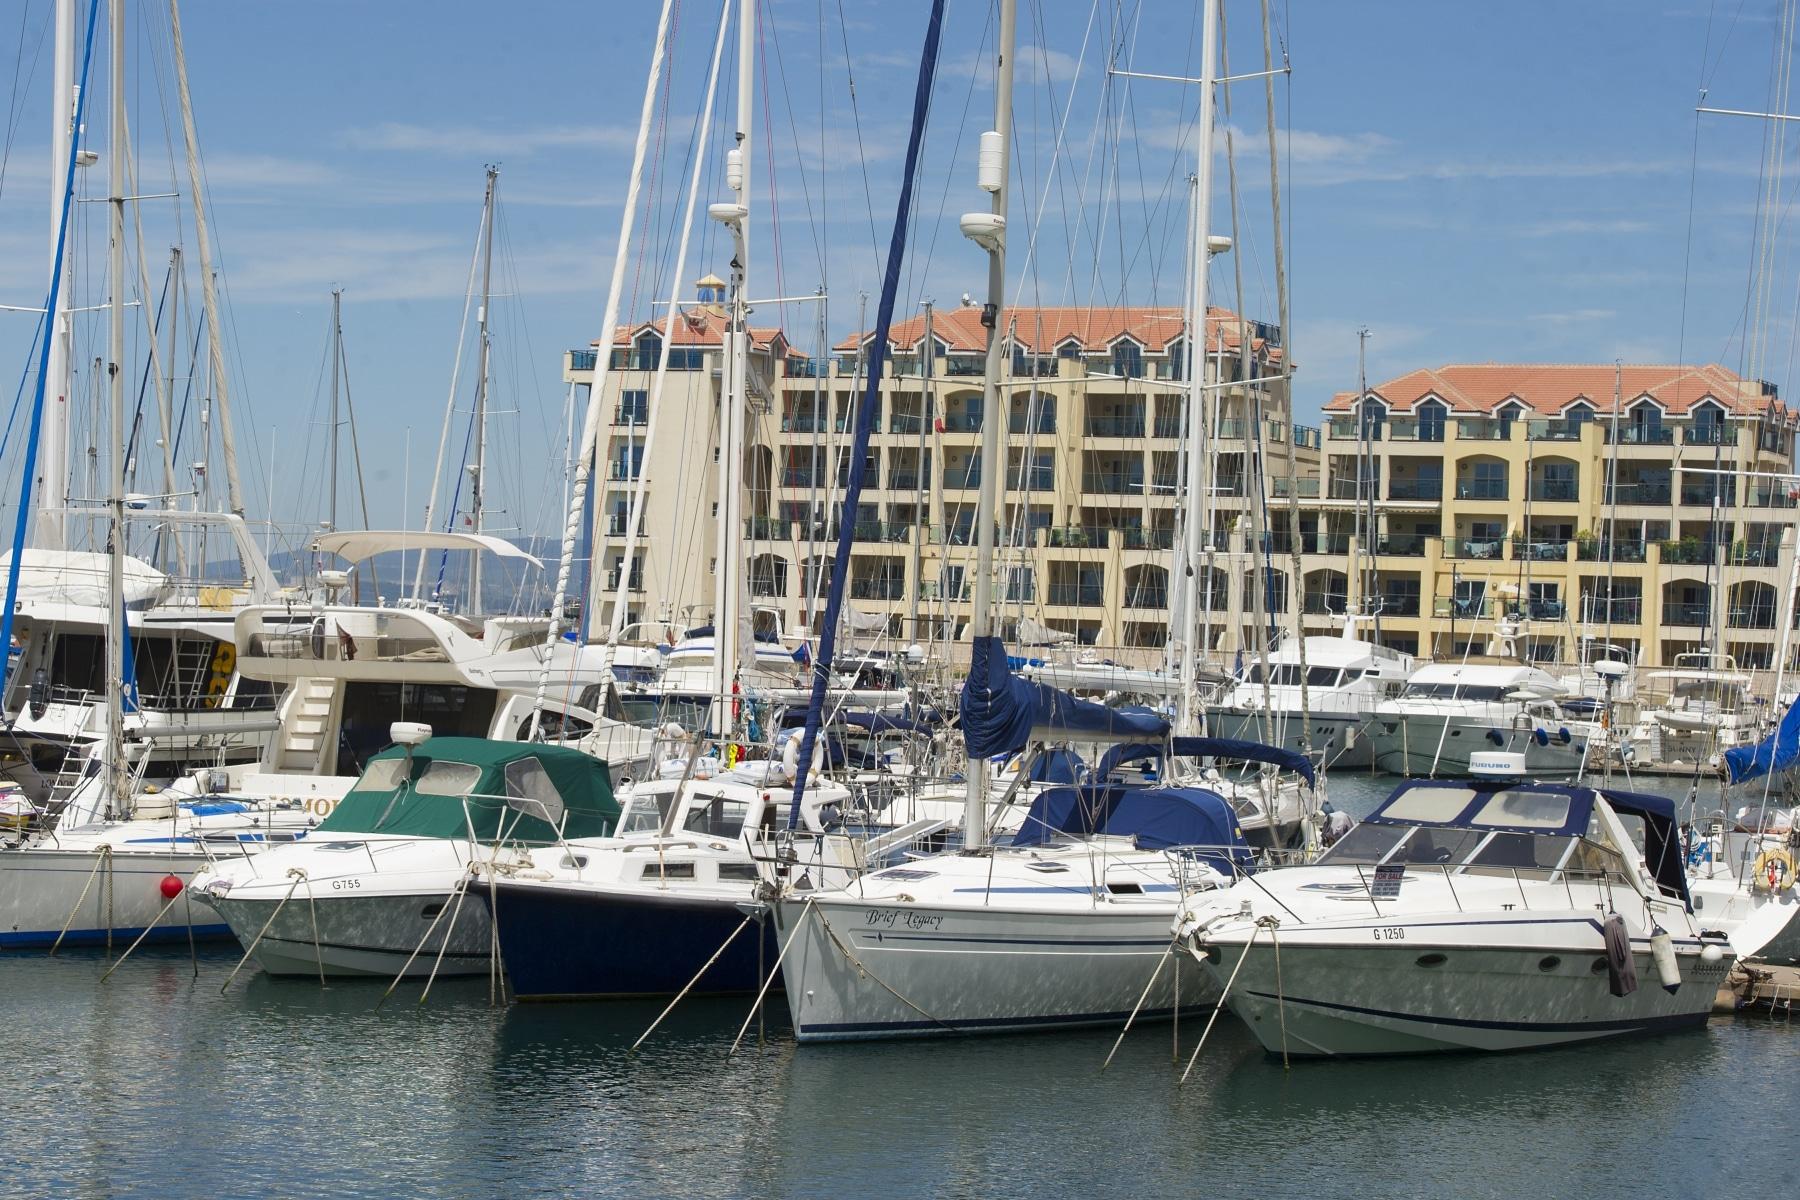 puerto-deportivo-gibraltar-02_9222396467_o